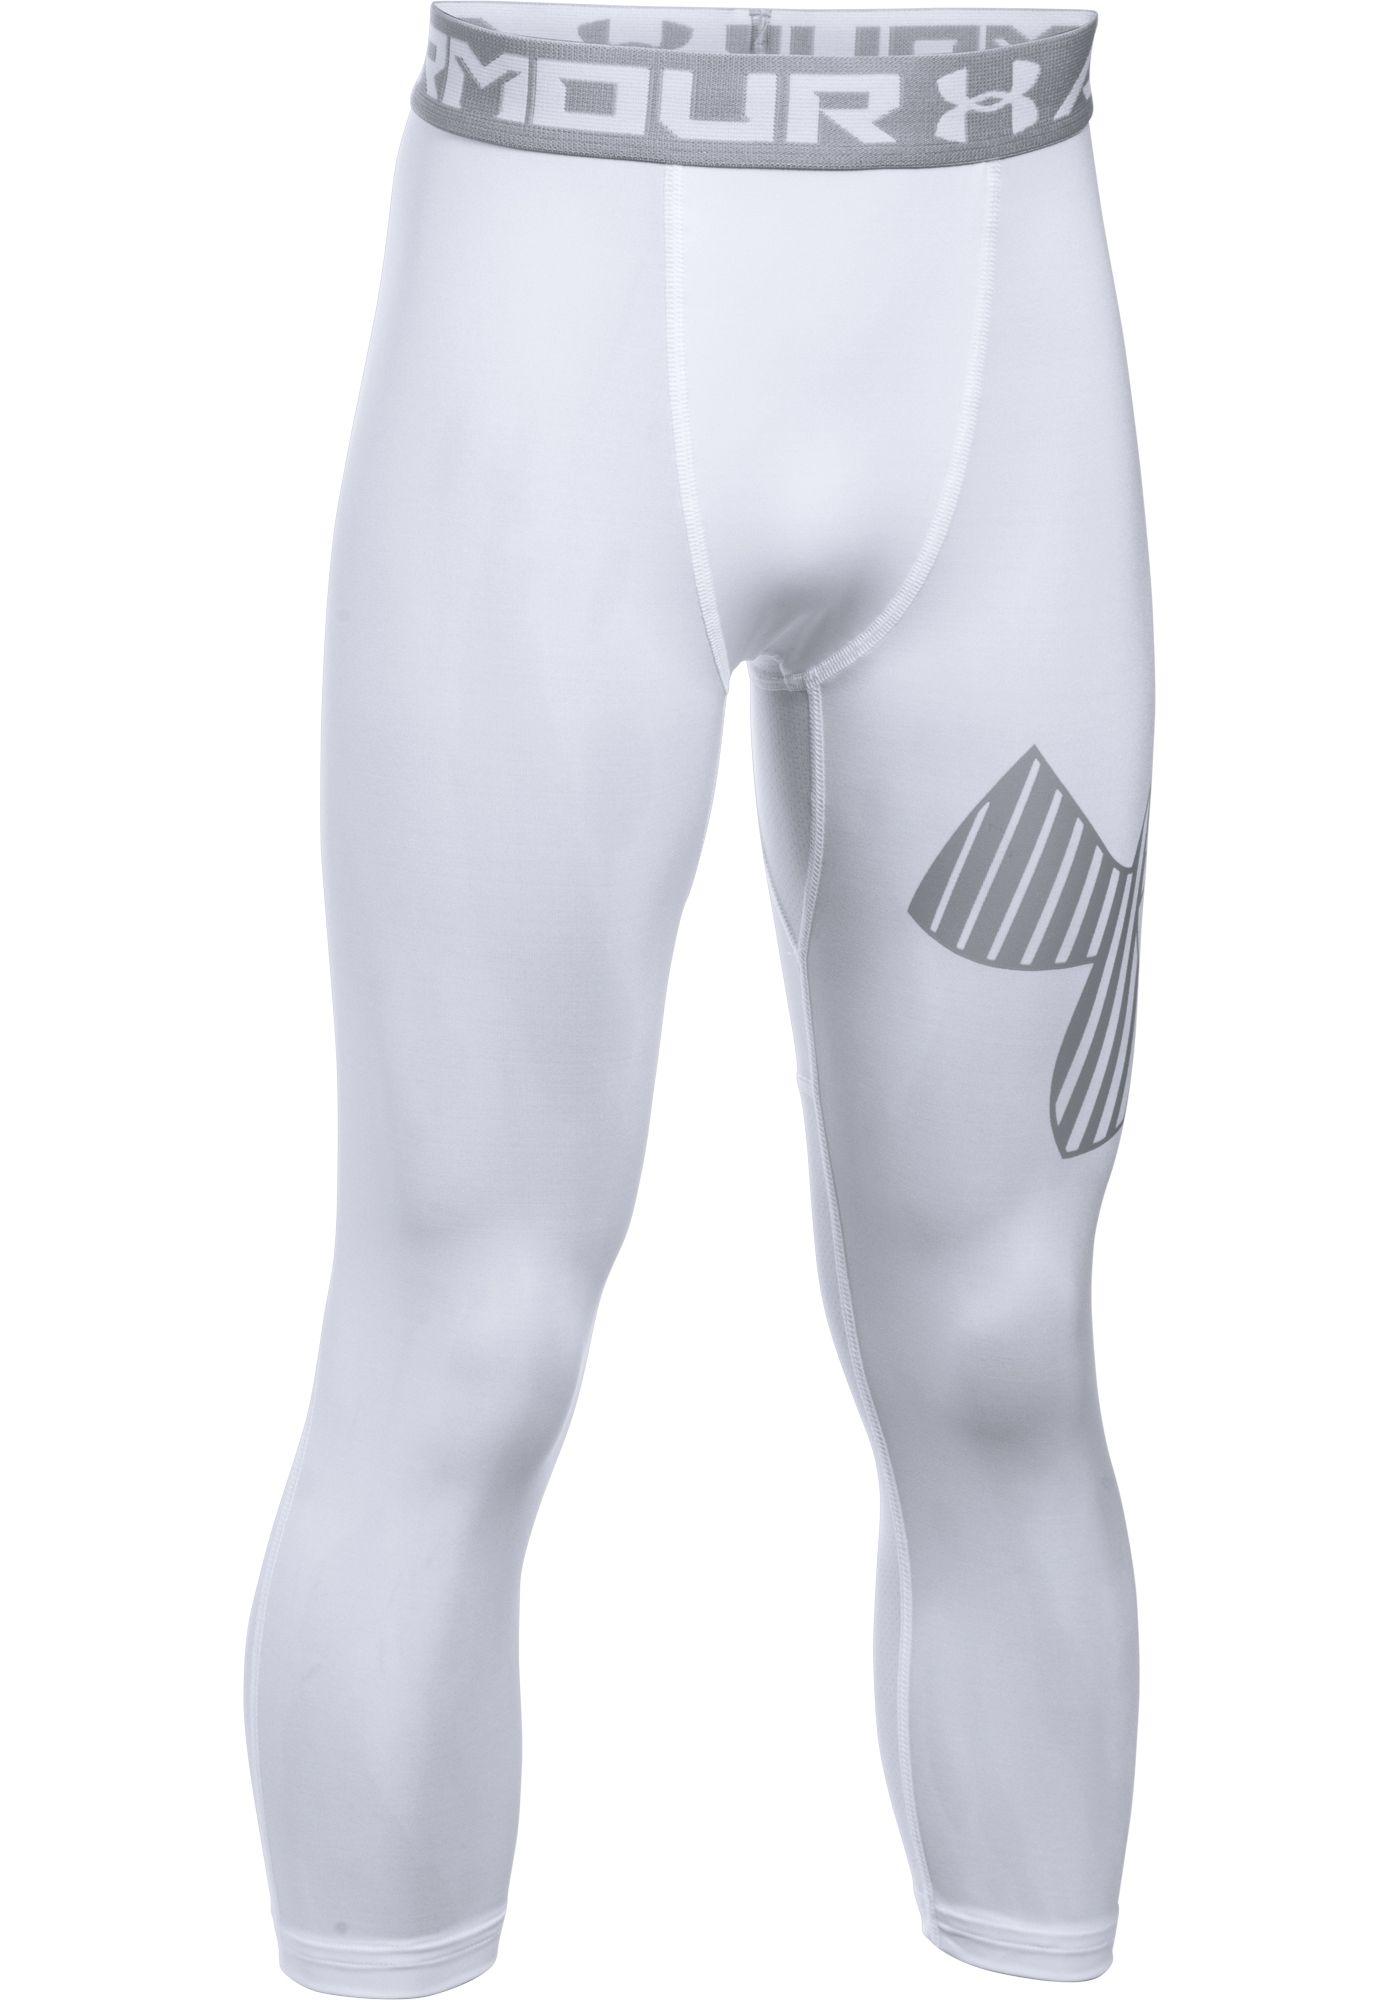 Under Armour Boys' Three Quarter Length Logo Leggings